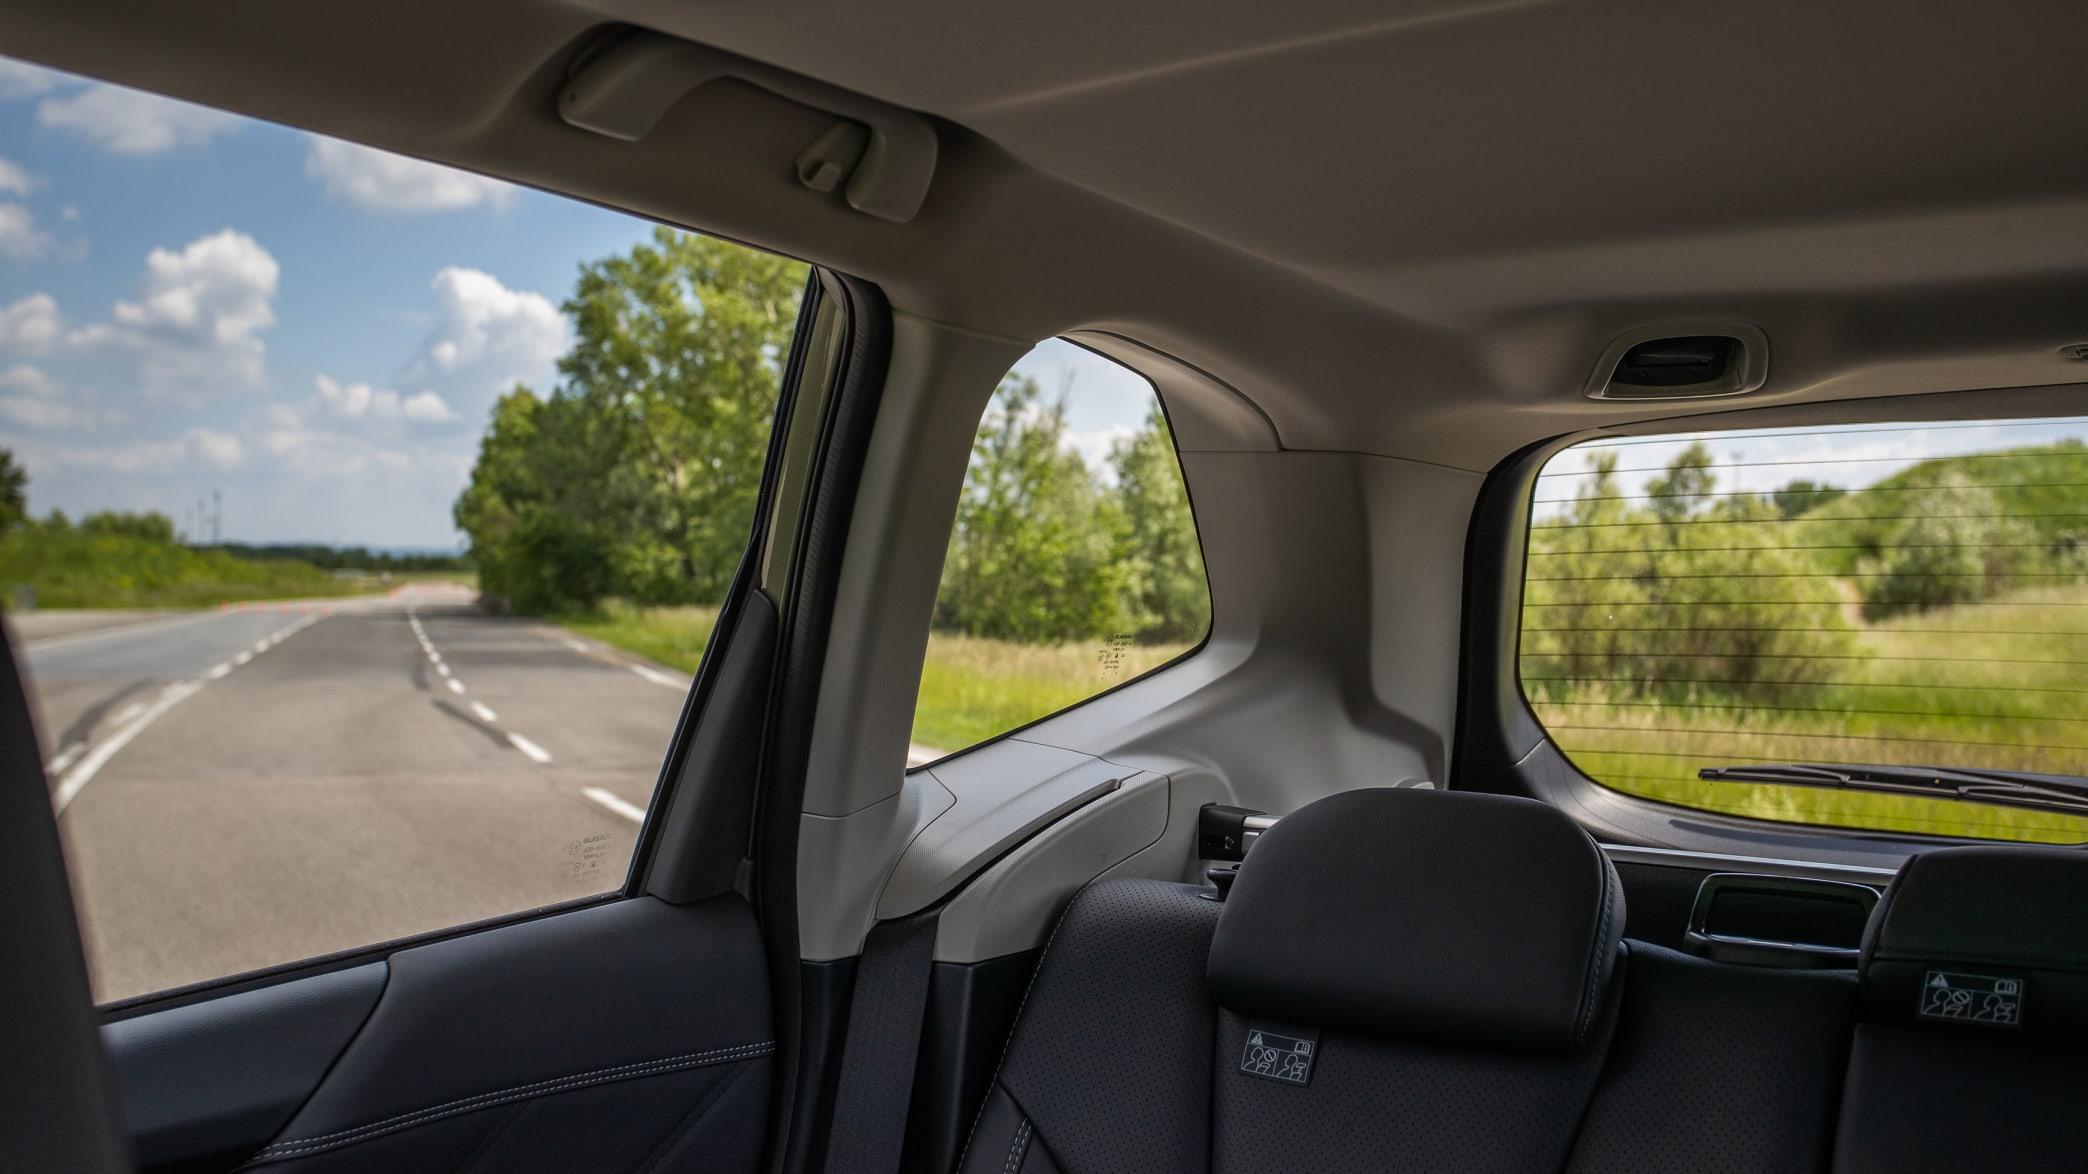 Blick auf das seitliche Heckfenster des Subaru Forester